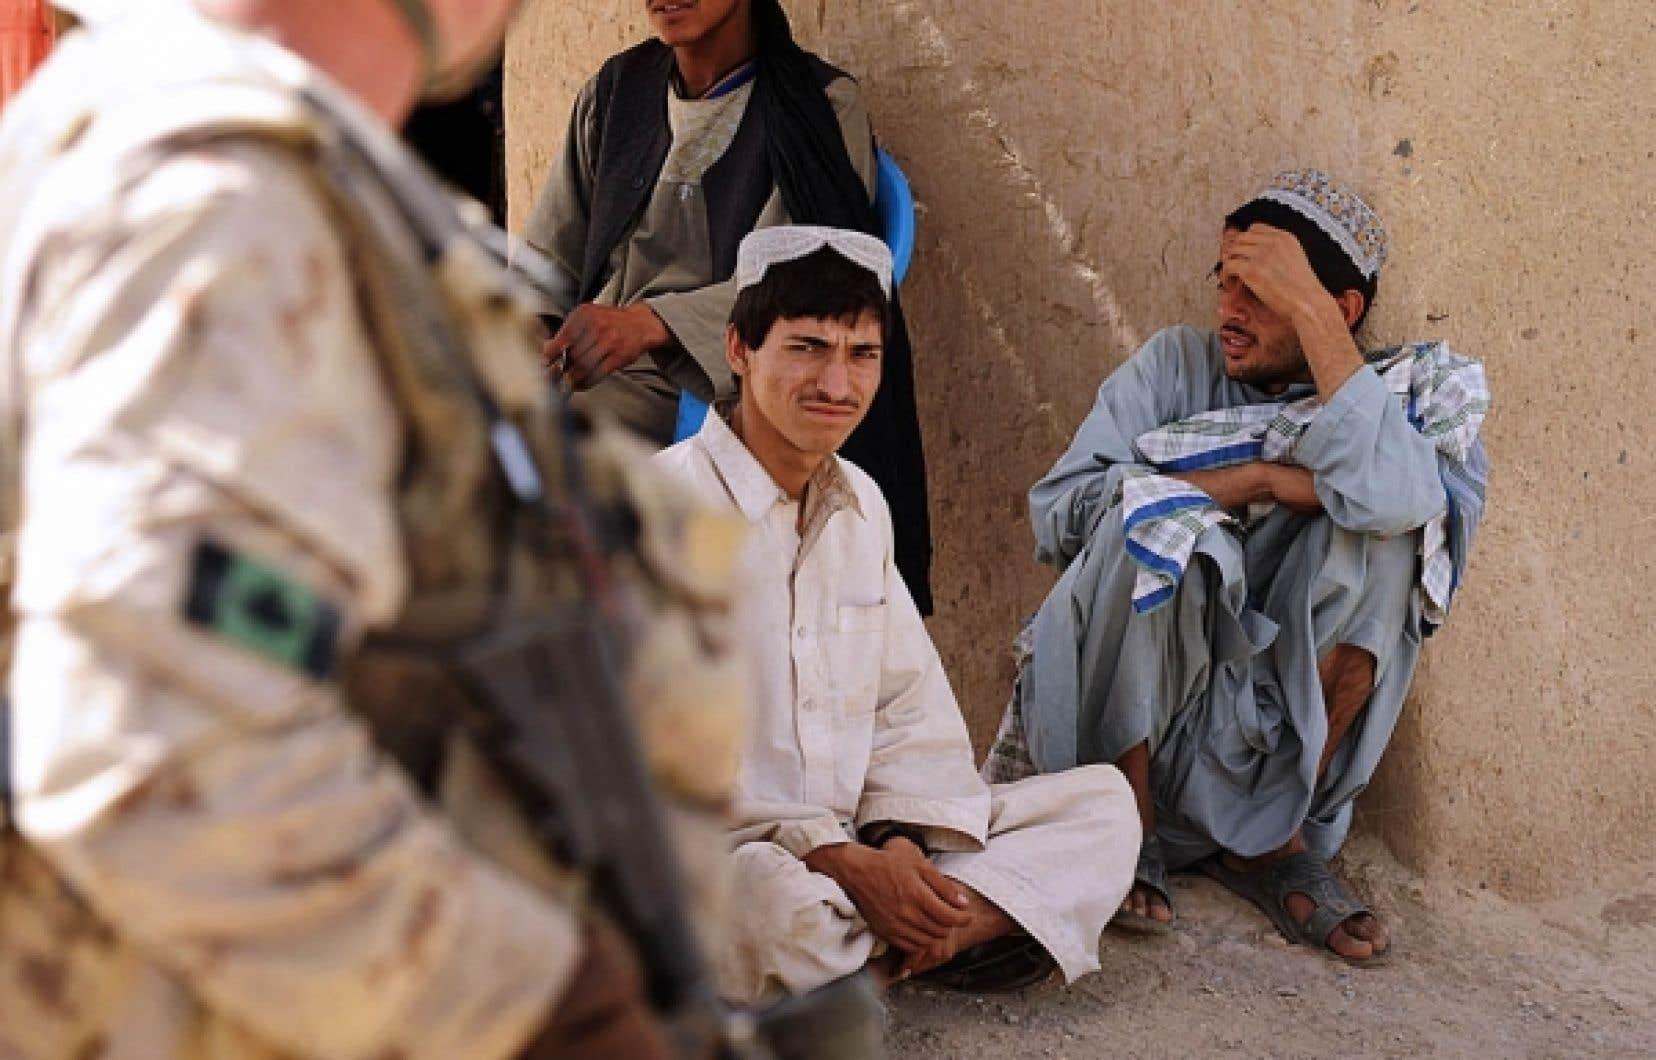 Des citoyens de la région de Kandahar observent un soldat canadien en train d'effectuer une patrouille.